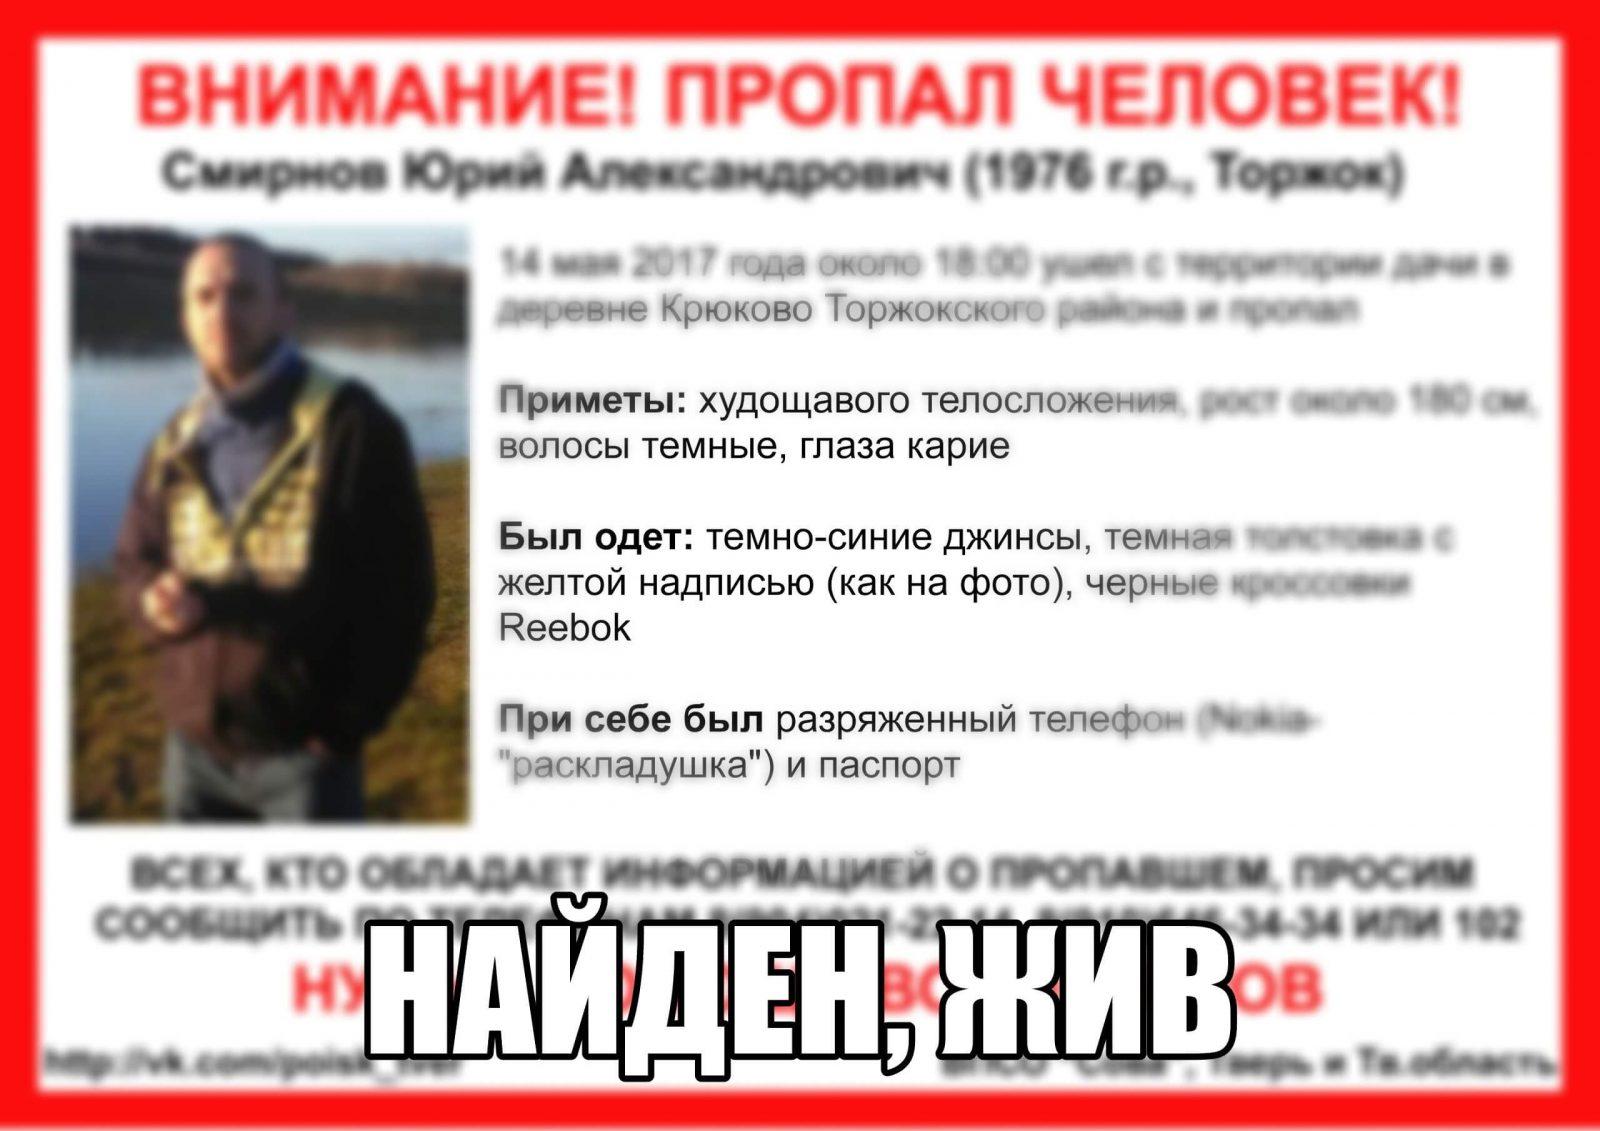 [Жив] Пропал Смирнов Юрий Александрович (1976 г.р.)